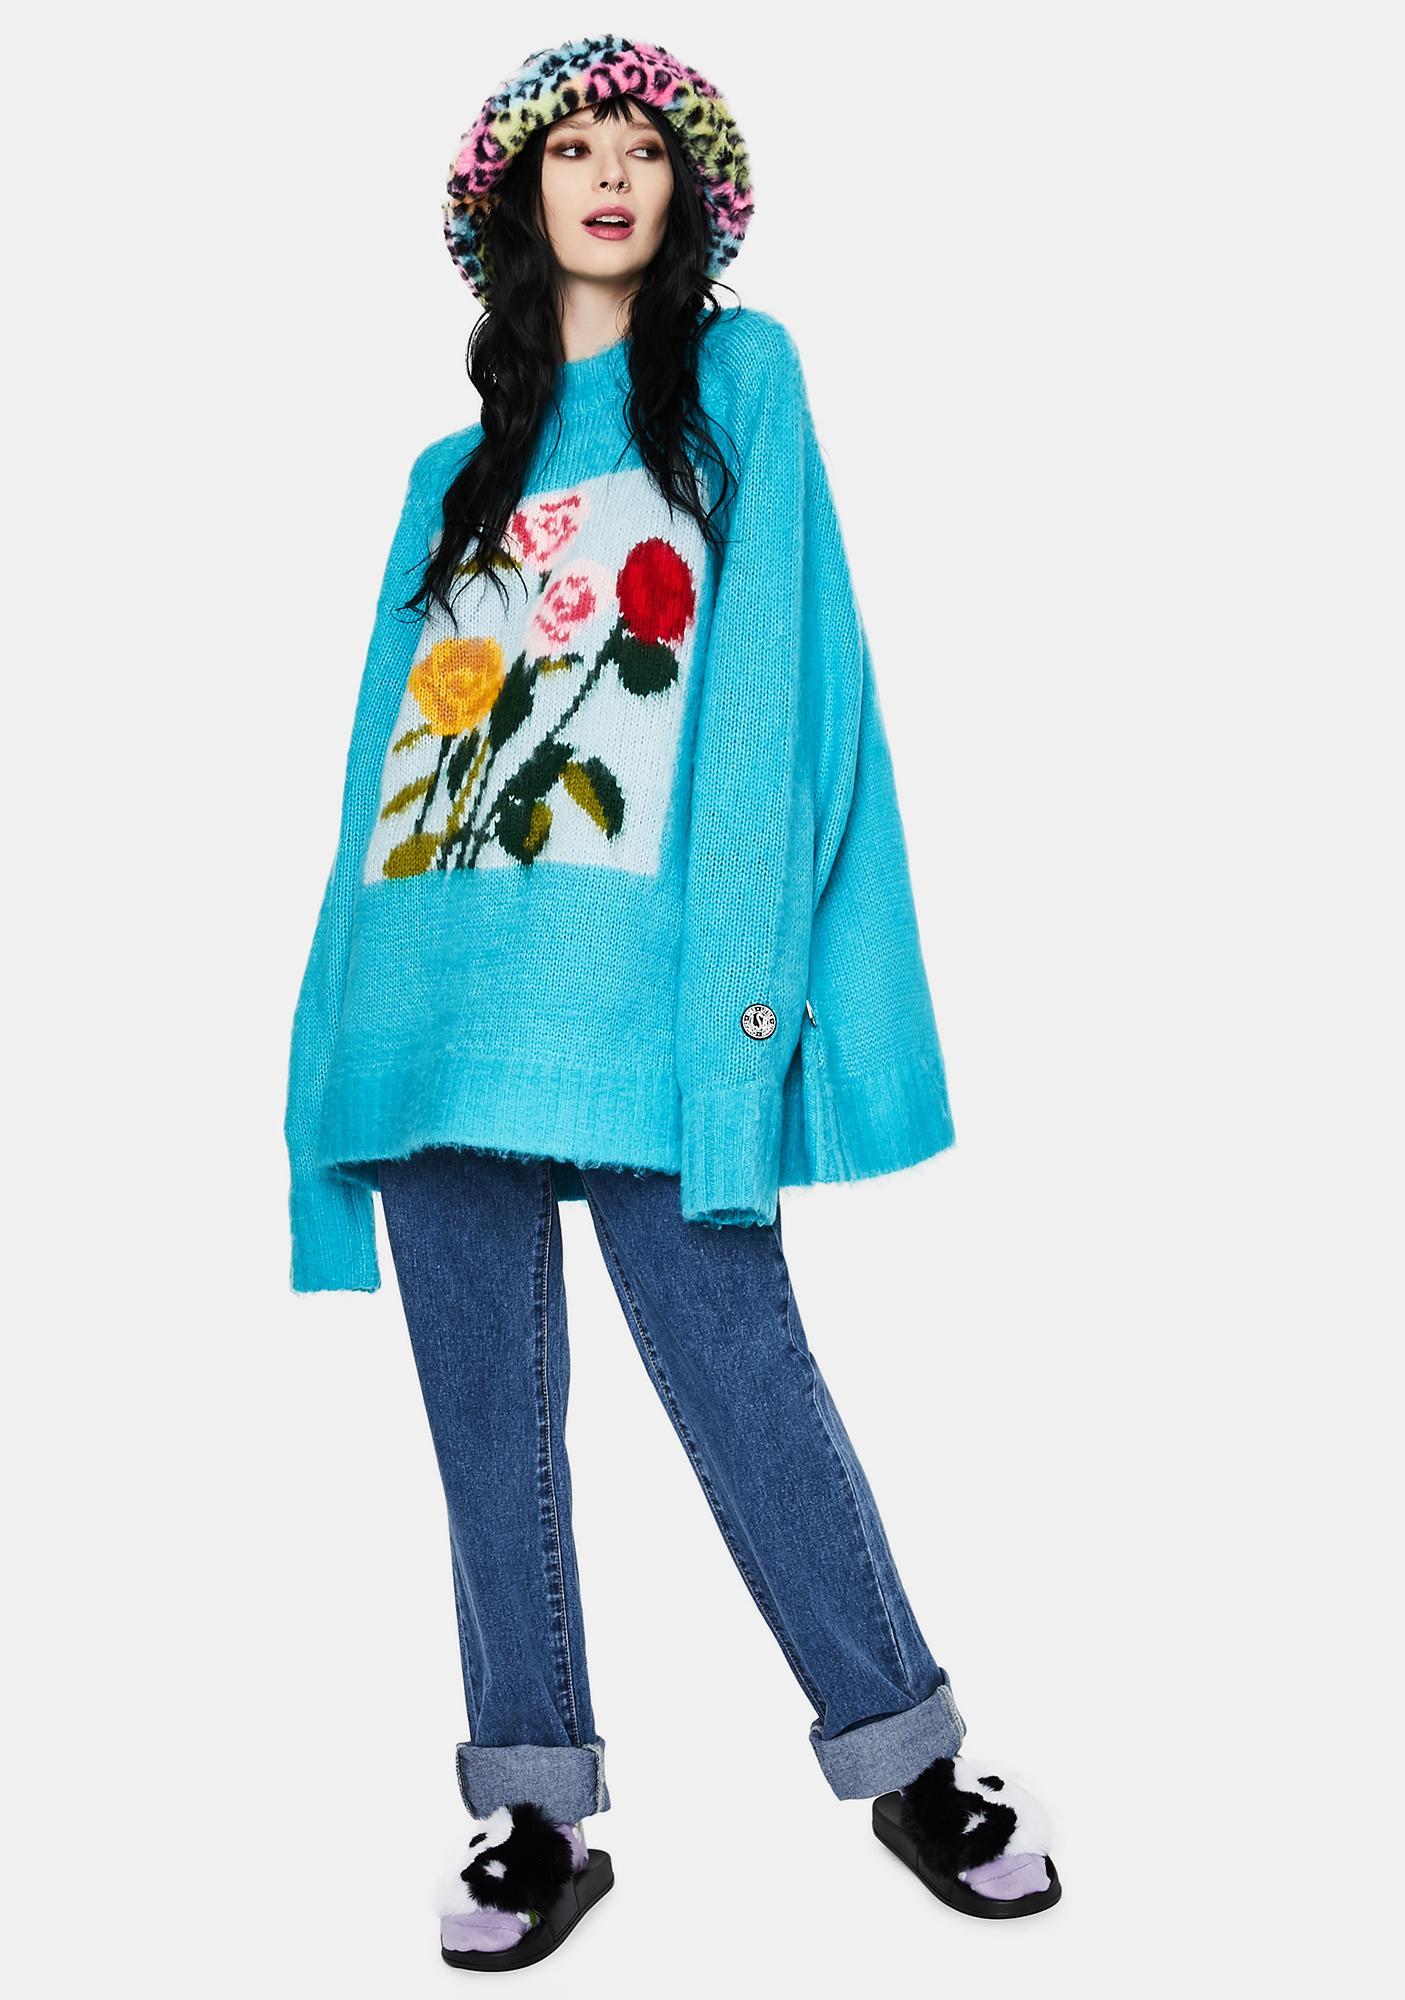 Little Sunny Bite x Charlotte Mei Flower Big Knit Sweater